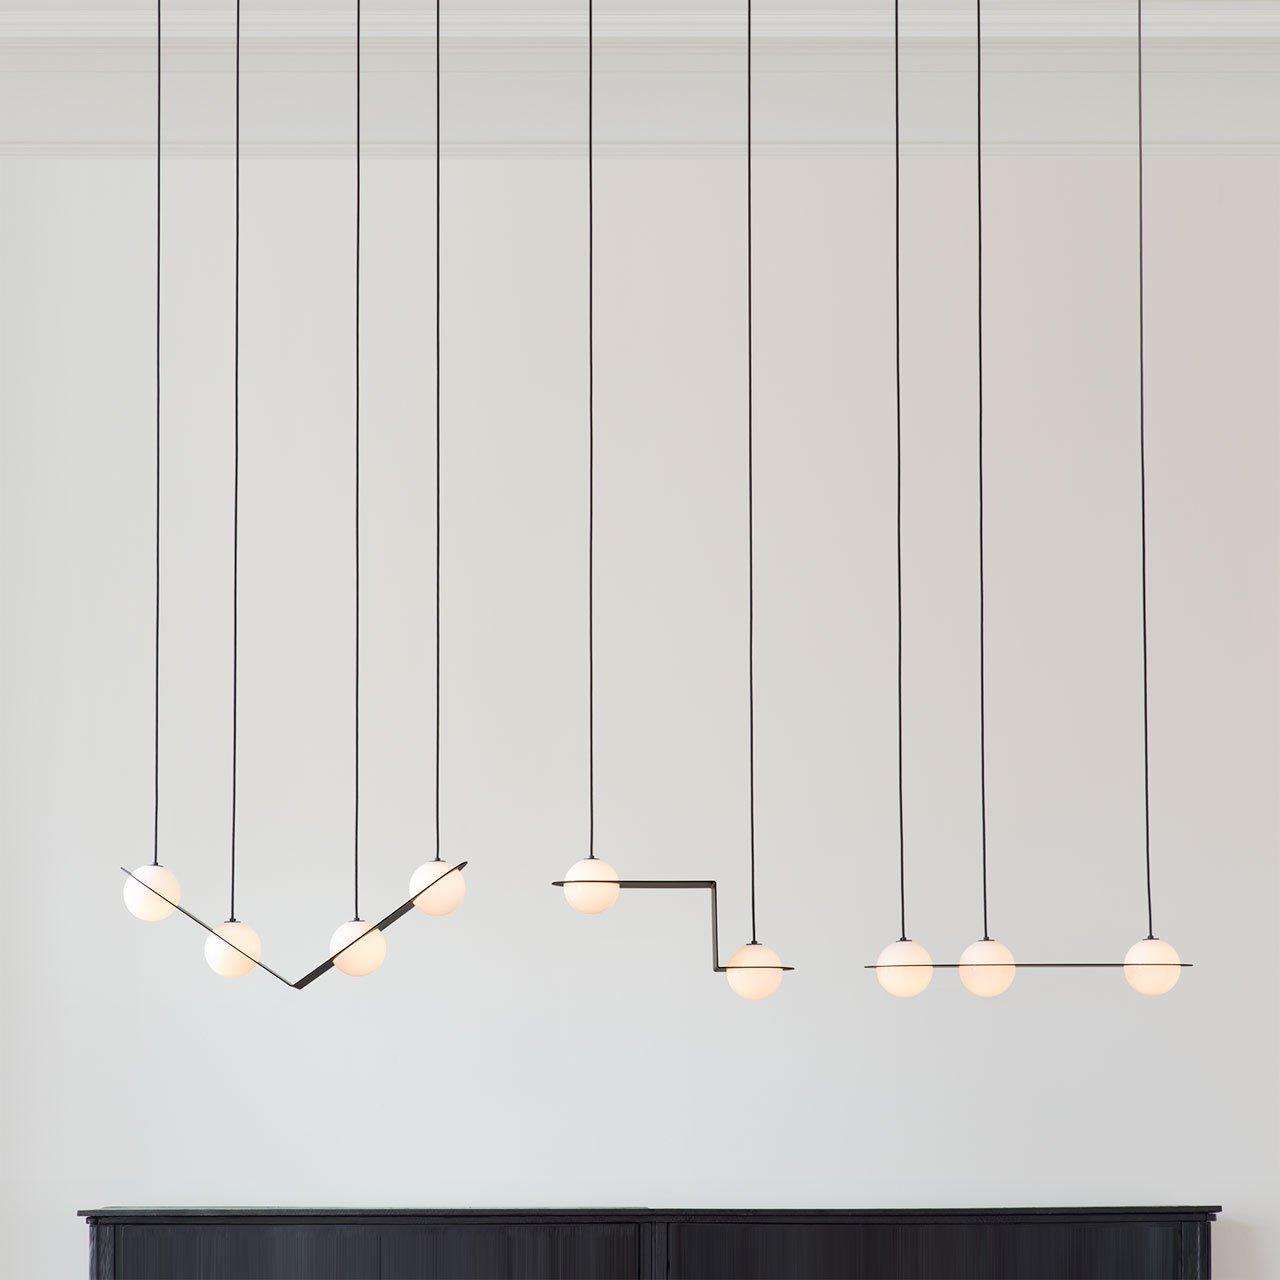 Laurent lighting collection by Lambert & Fils.